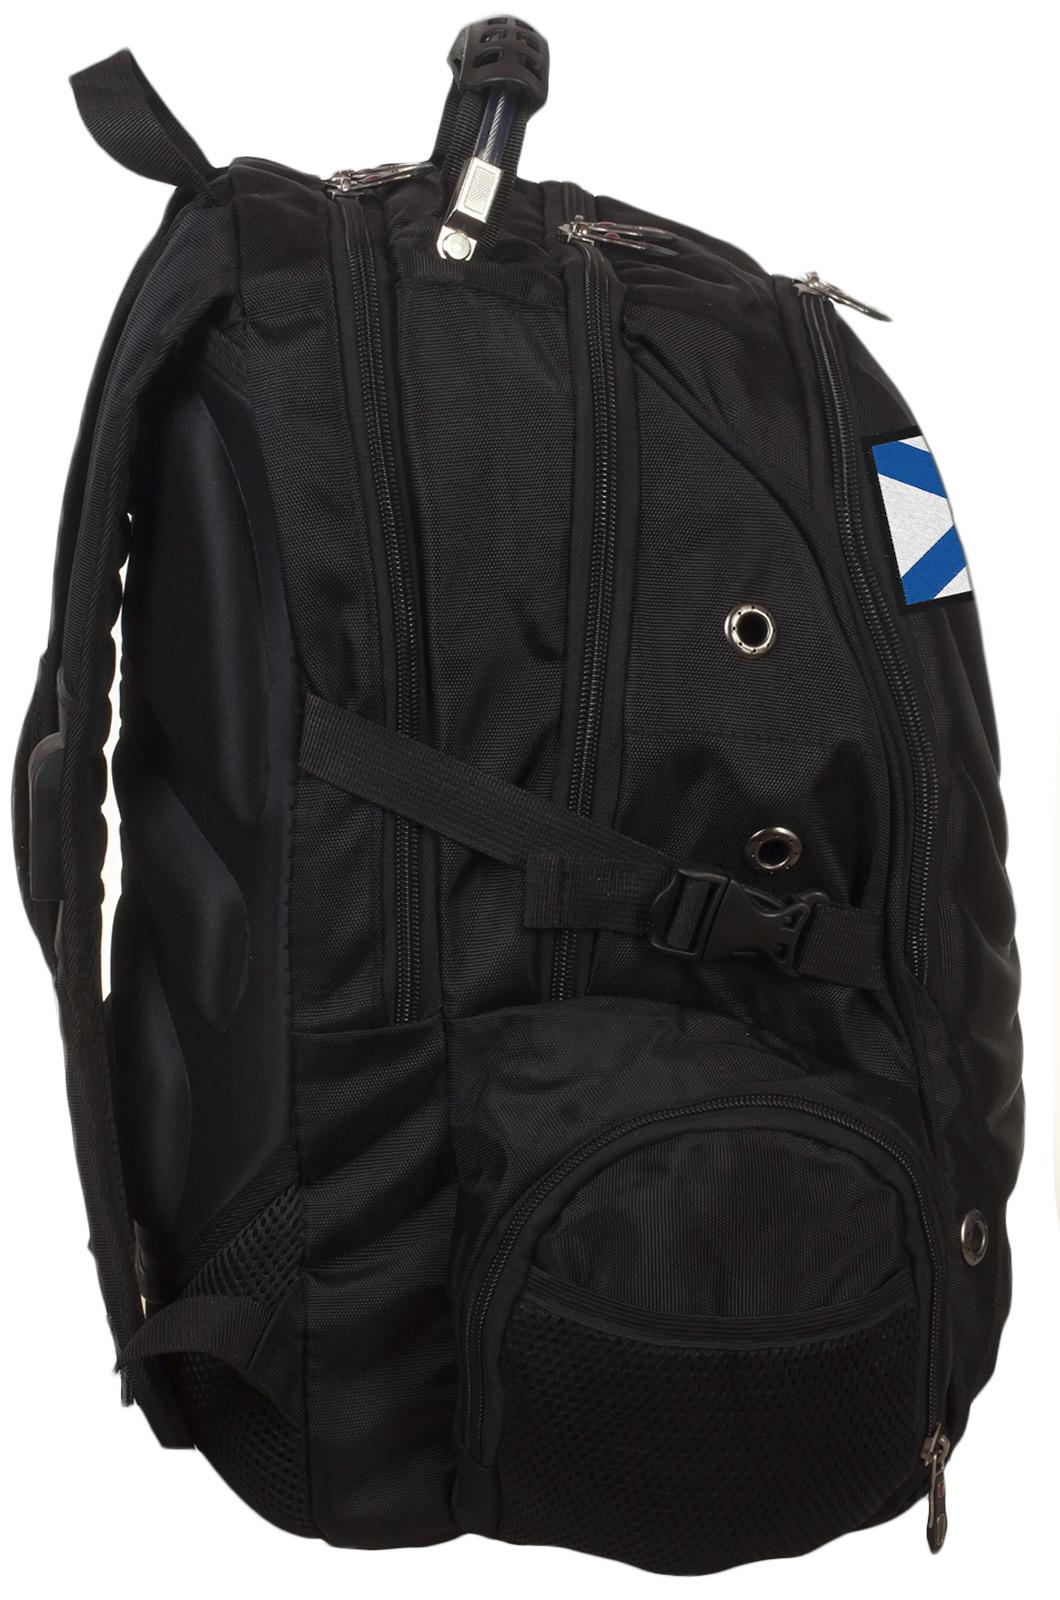 Большой удобный рюкзак с нашивкой Андреевский флаг - купить выгодно